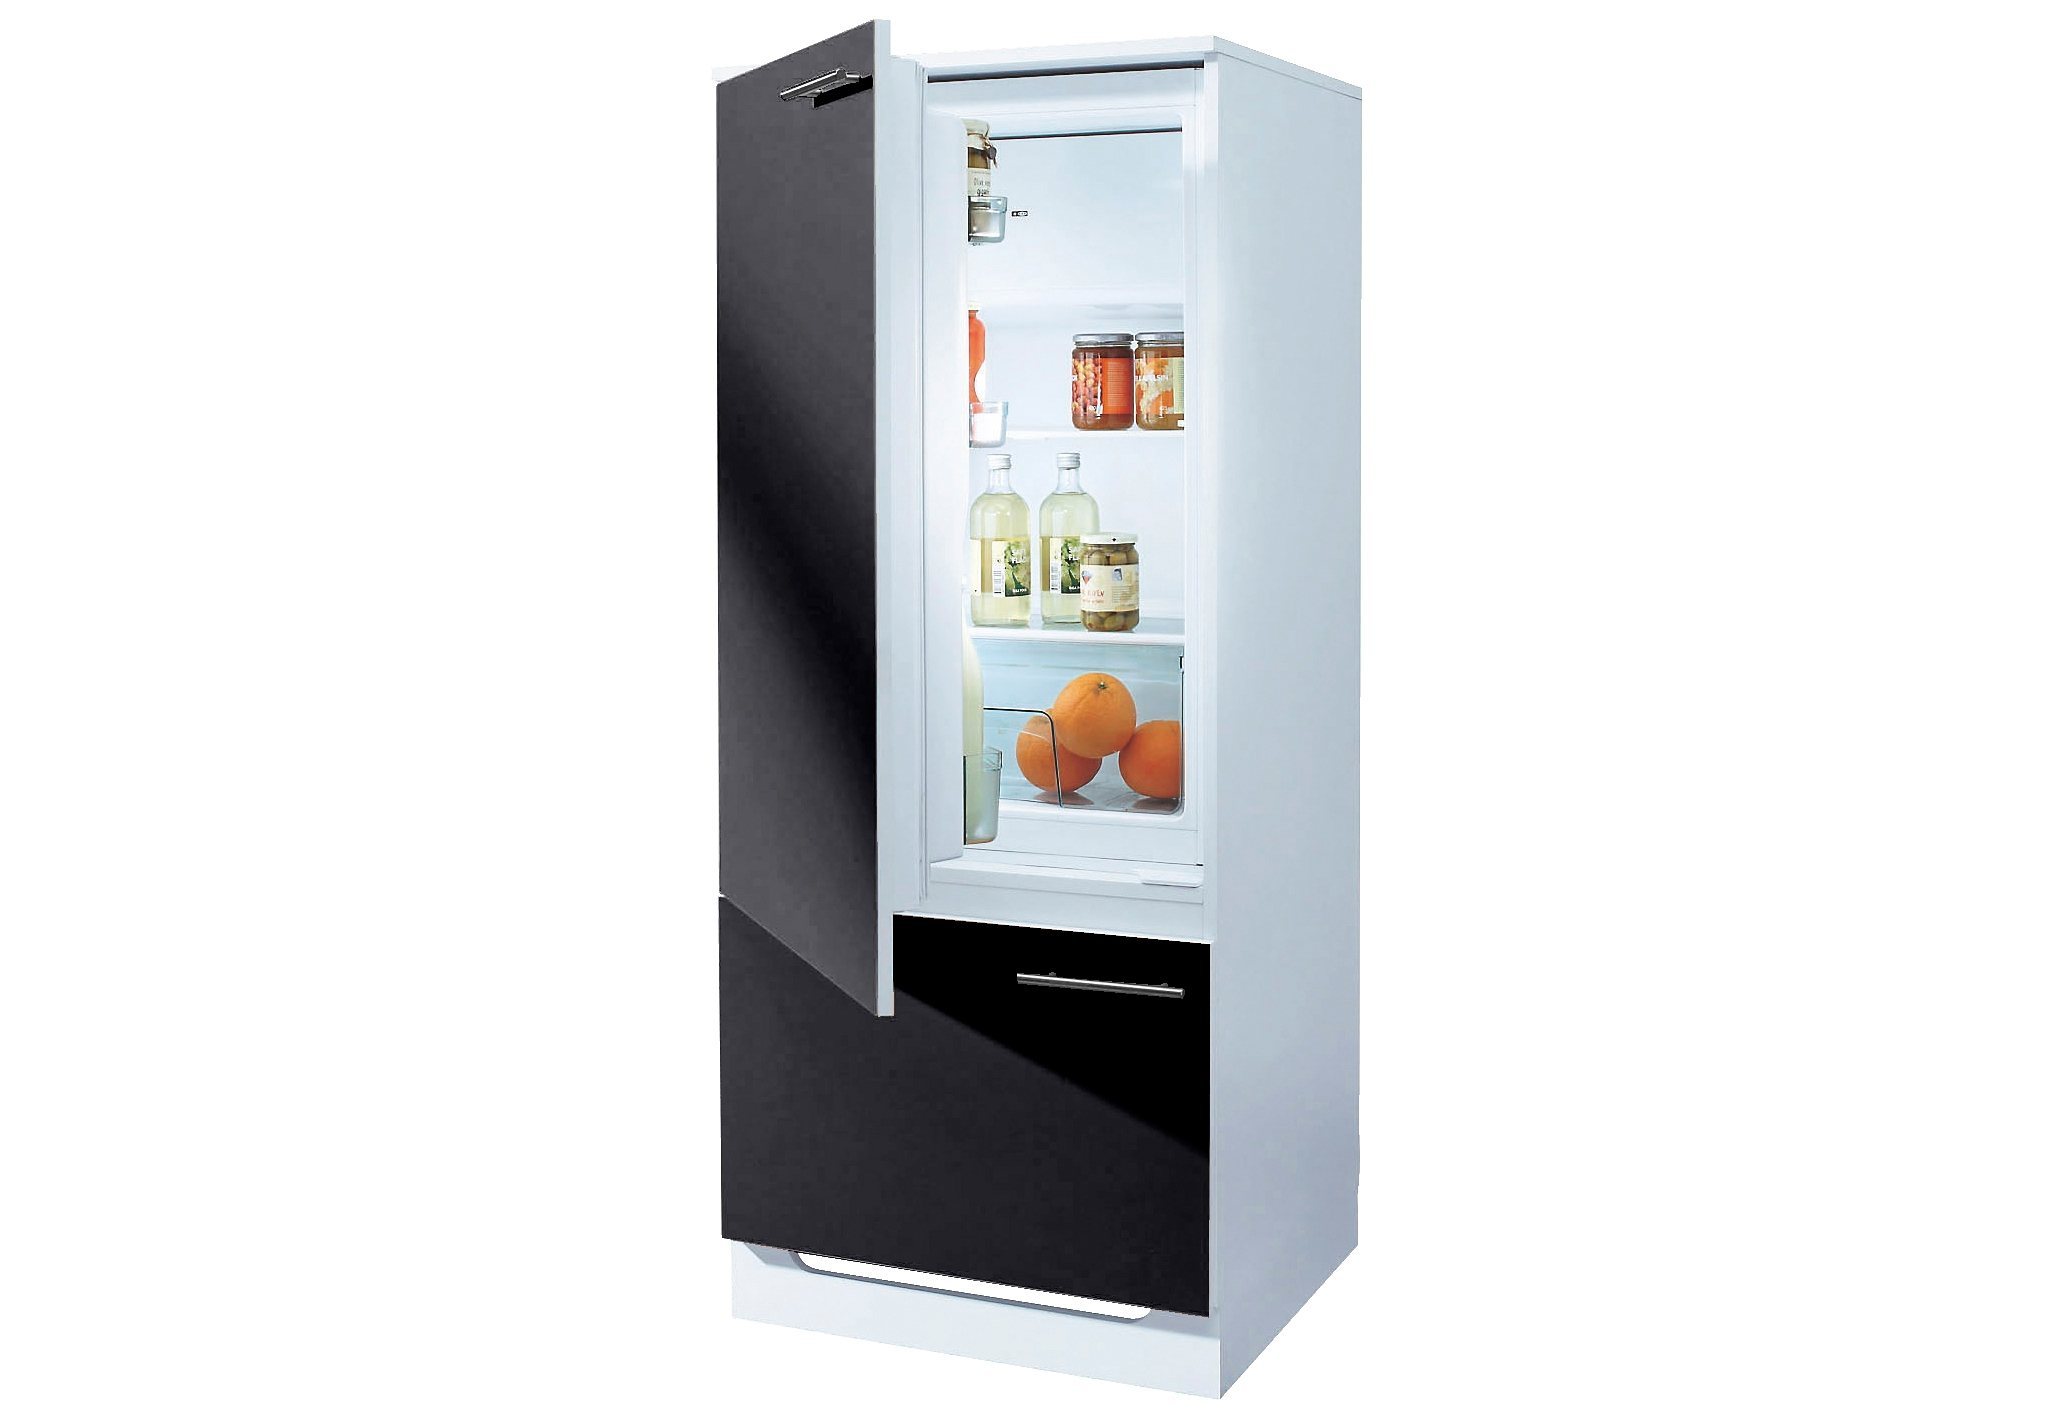 Amica Kühlschrank Ks 15616 P : Medisana kühlschränke online kaufen möbel suchmaschine